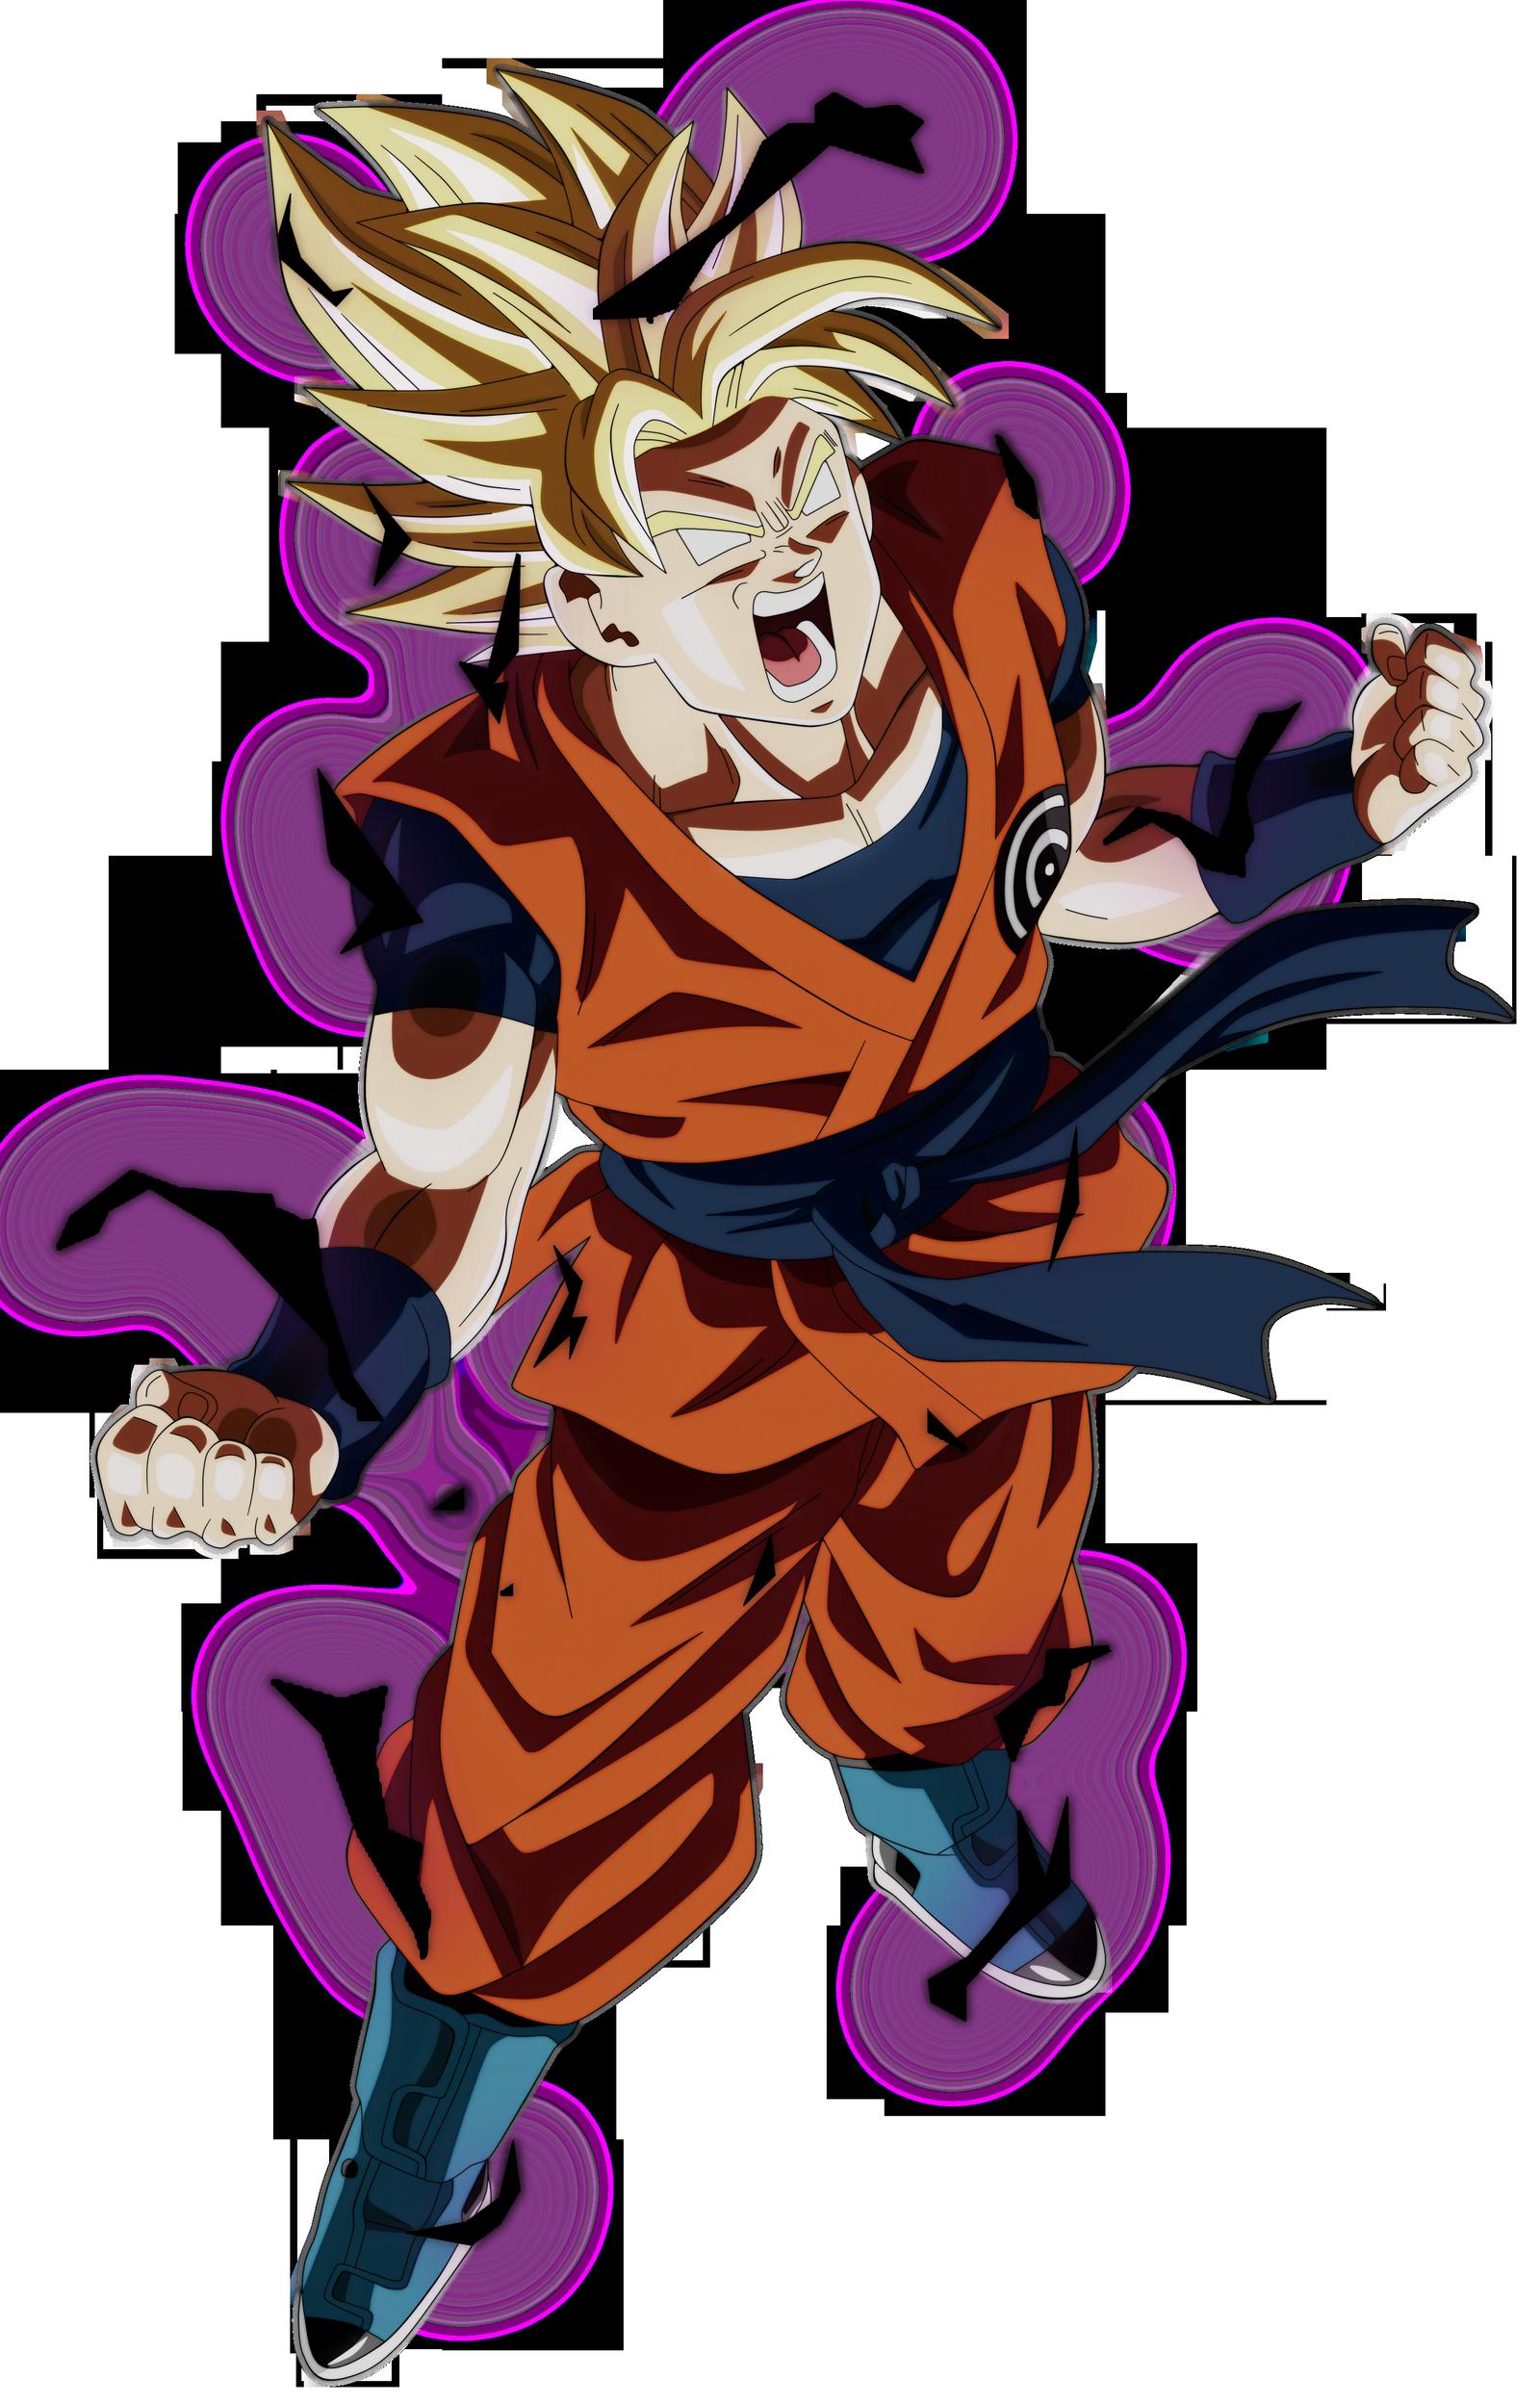 Goku Ssj Rage By Andrewdb13 On Deviantart Anime Dragon Ball Super Dragon Ball Art Anime Dragon Ball